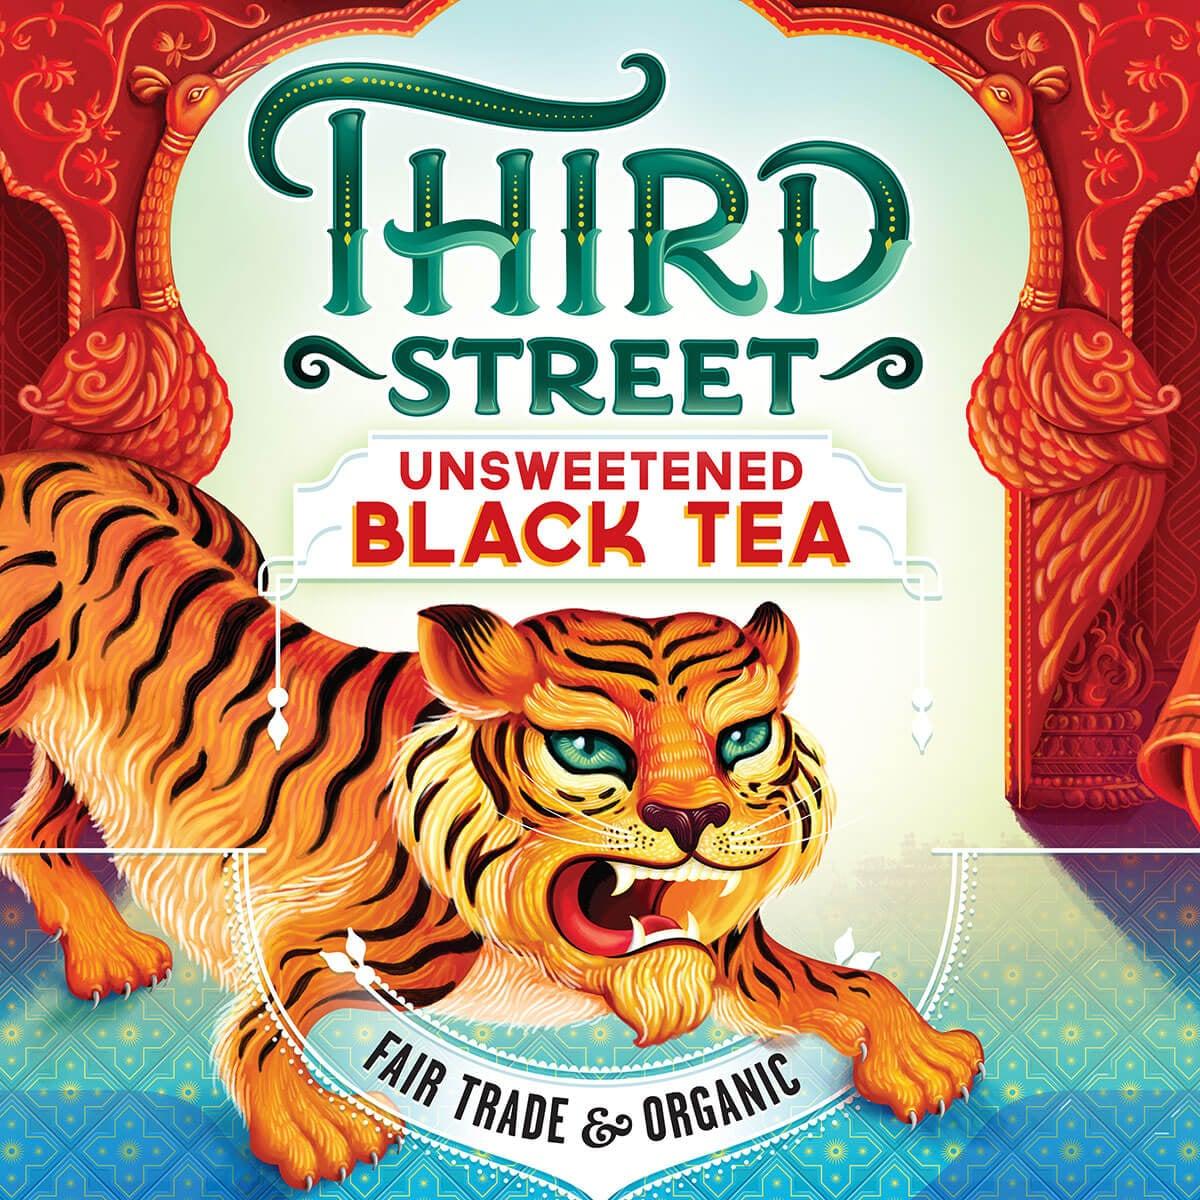 Tea Packaging Hero Image